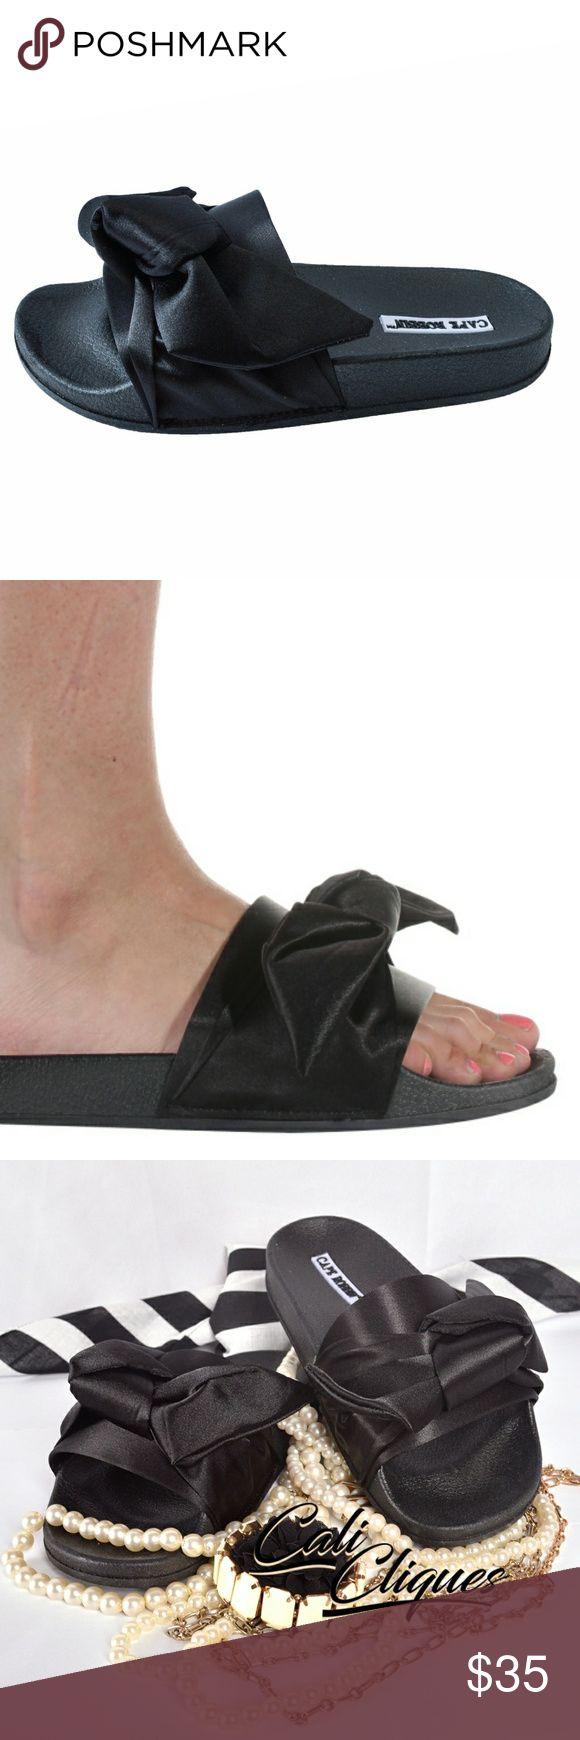 Sarin slides cape robbin moira Rihanna inspired Sarin slides cape robbin Shoes Sandals